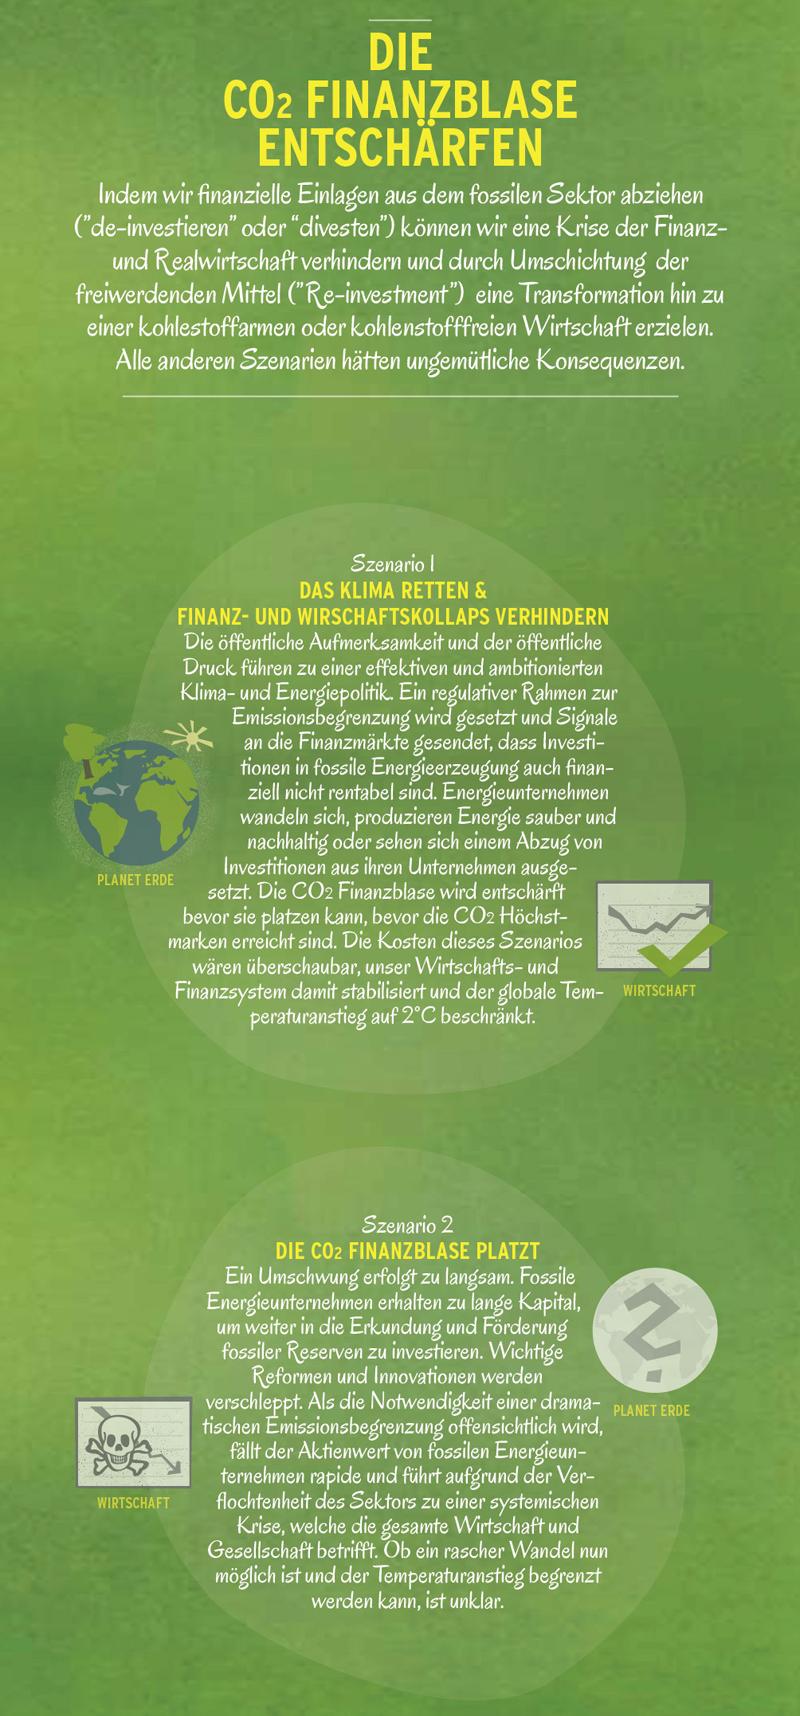 Divest5_Infographic_Web_DE